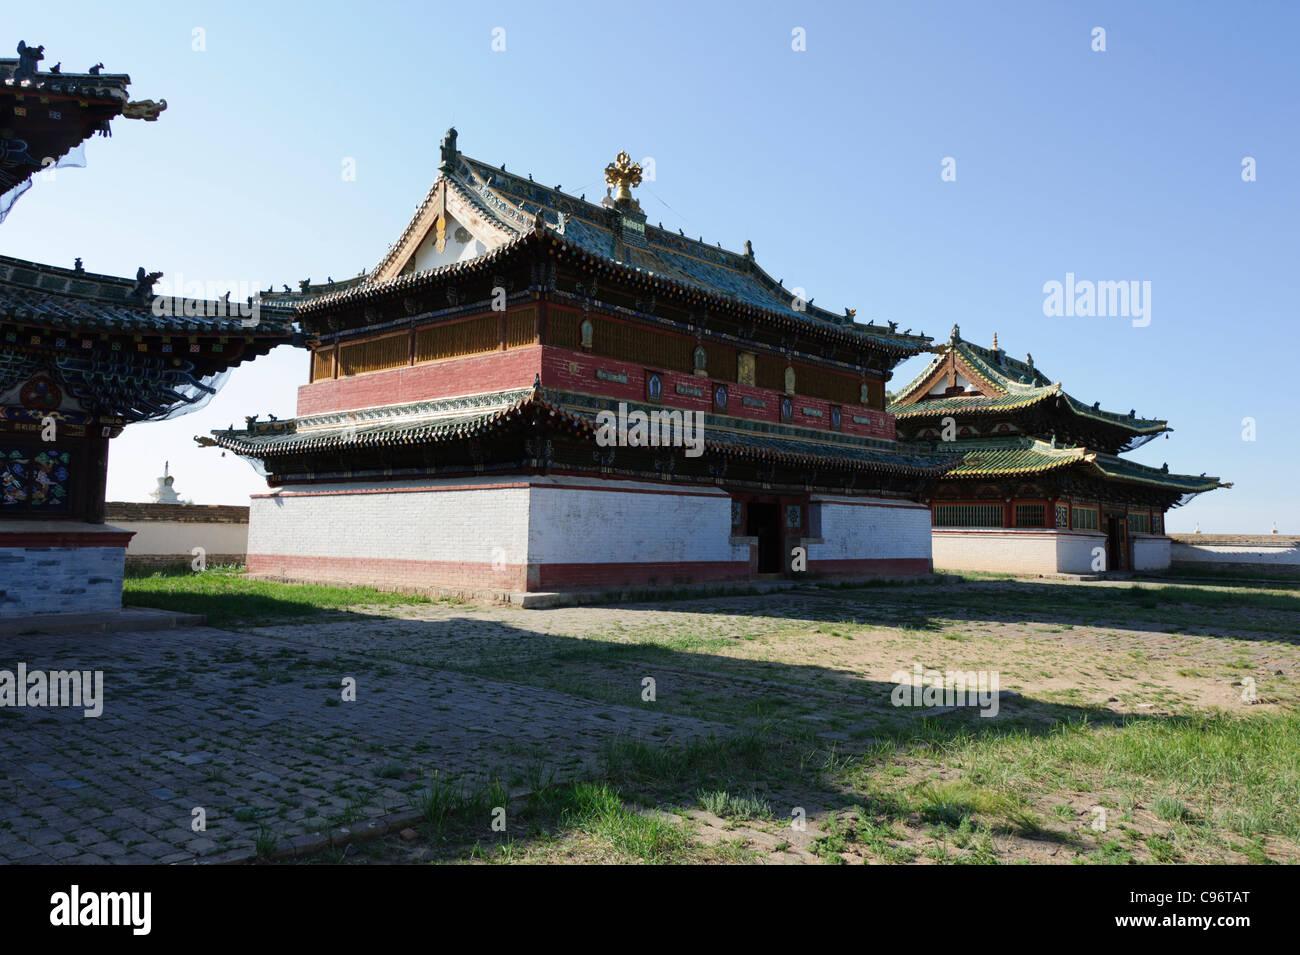 Temples of Erdene Zuu Monastery (khiid), Karakorum, Mongolia. Unesco World Heritage site. - Stock Image